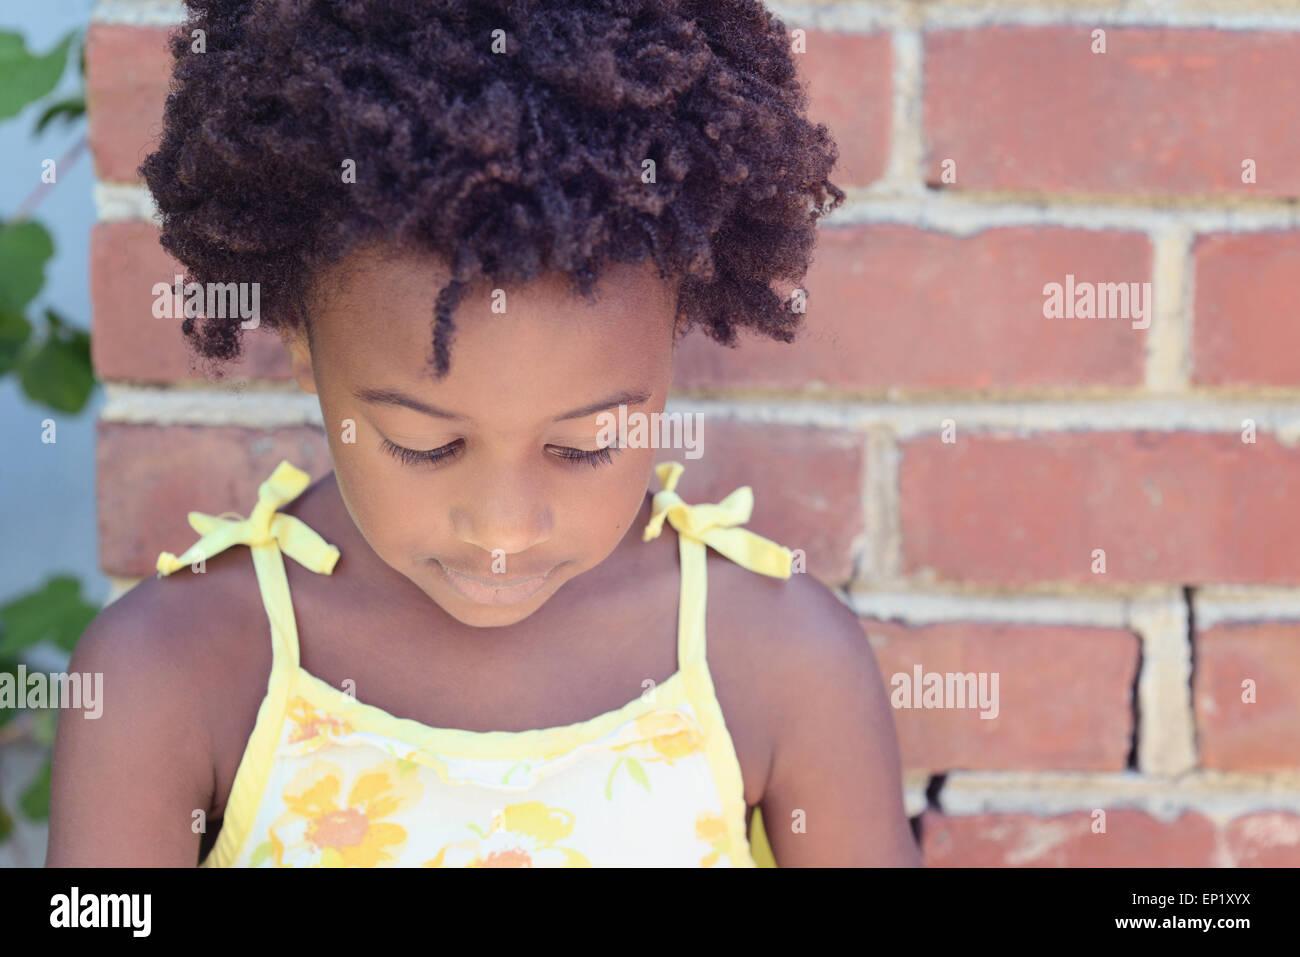 Ritratto di un africano ragazza americana guardando verso il basso Immagini Stock